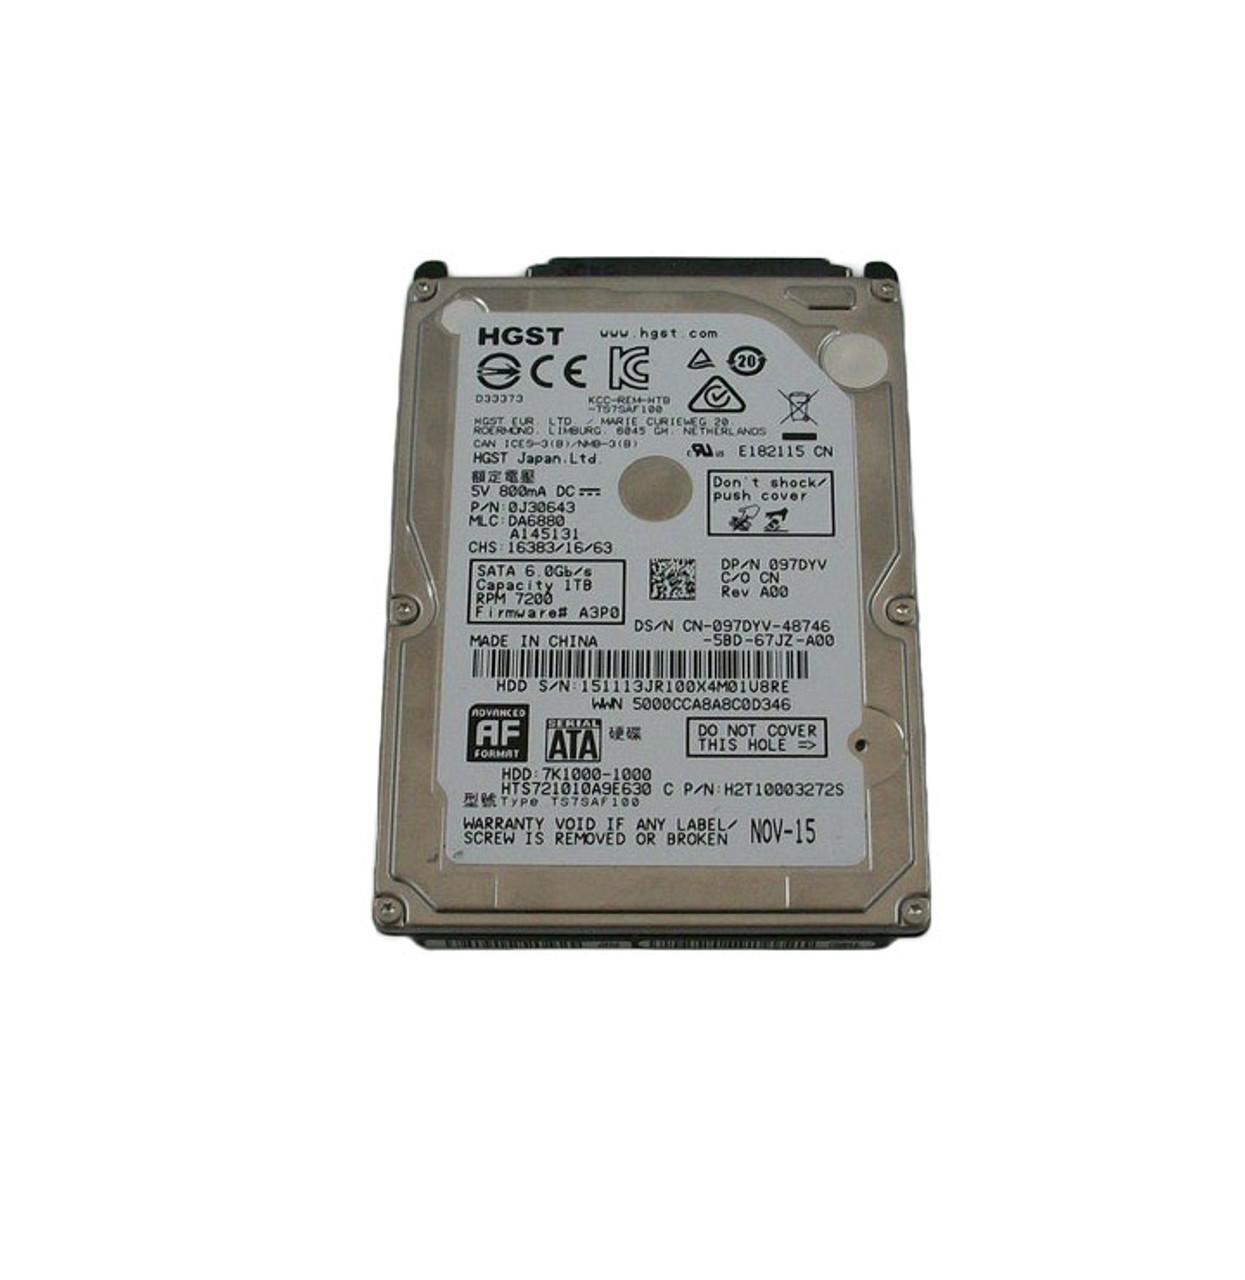 Dell 97DYV 1TB 7200RPM 6GB/S SATA Disk Drive